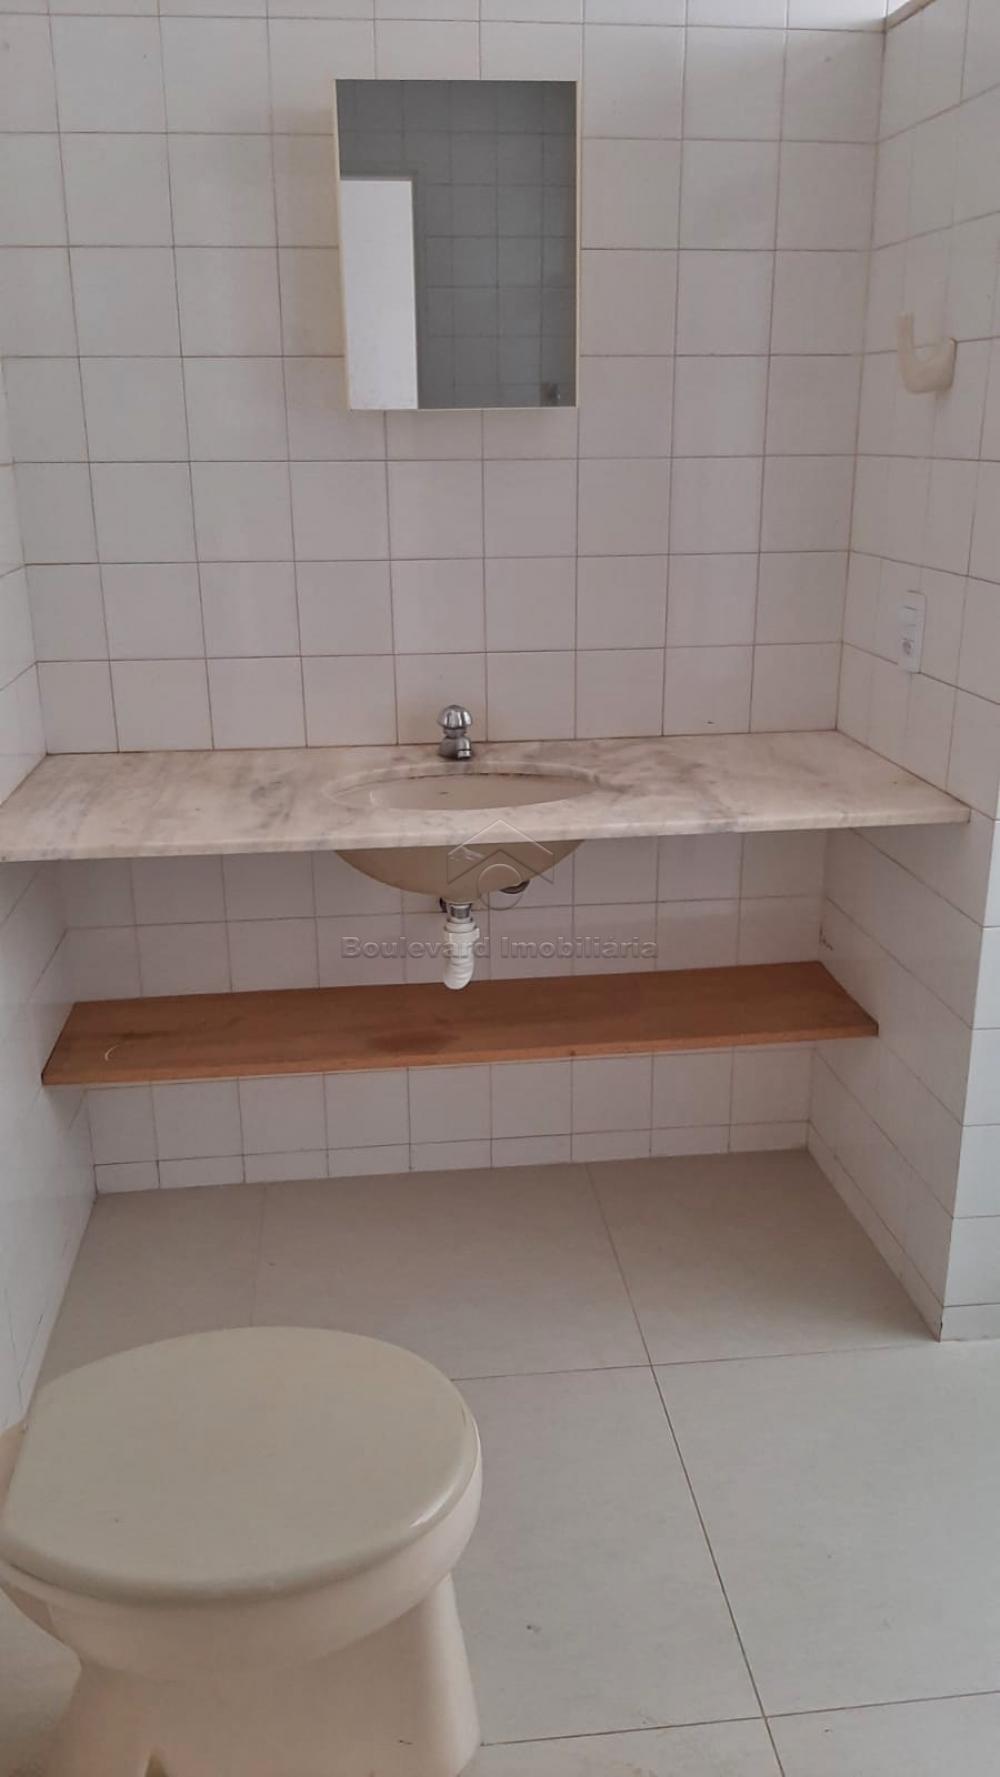 Alugar Apartamento / Duplex em Ribeirão Preto R$ 700,00 - Foto 7